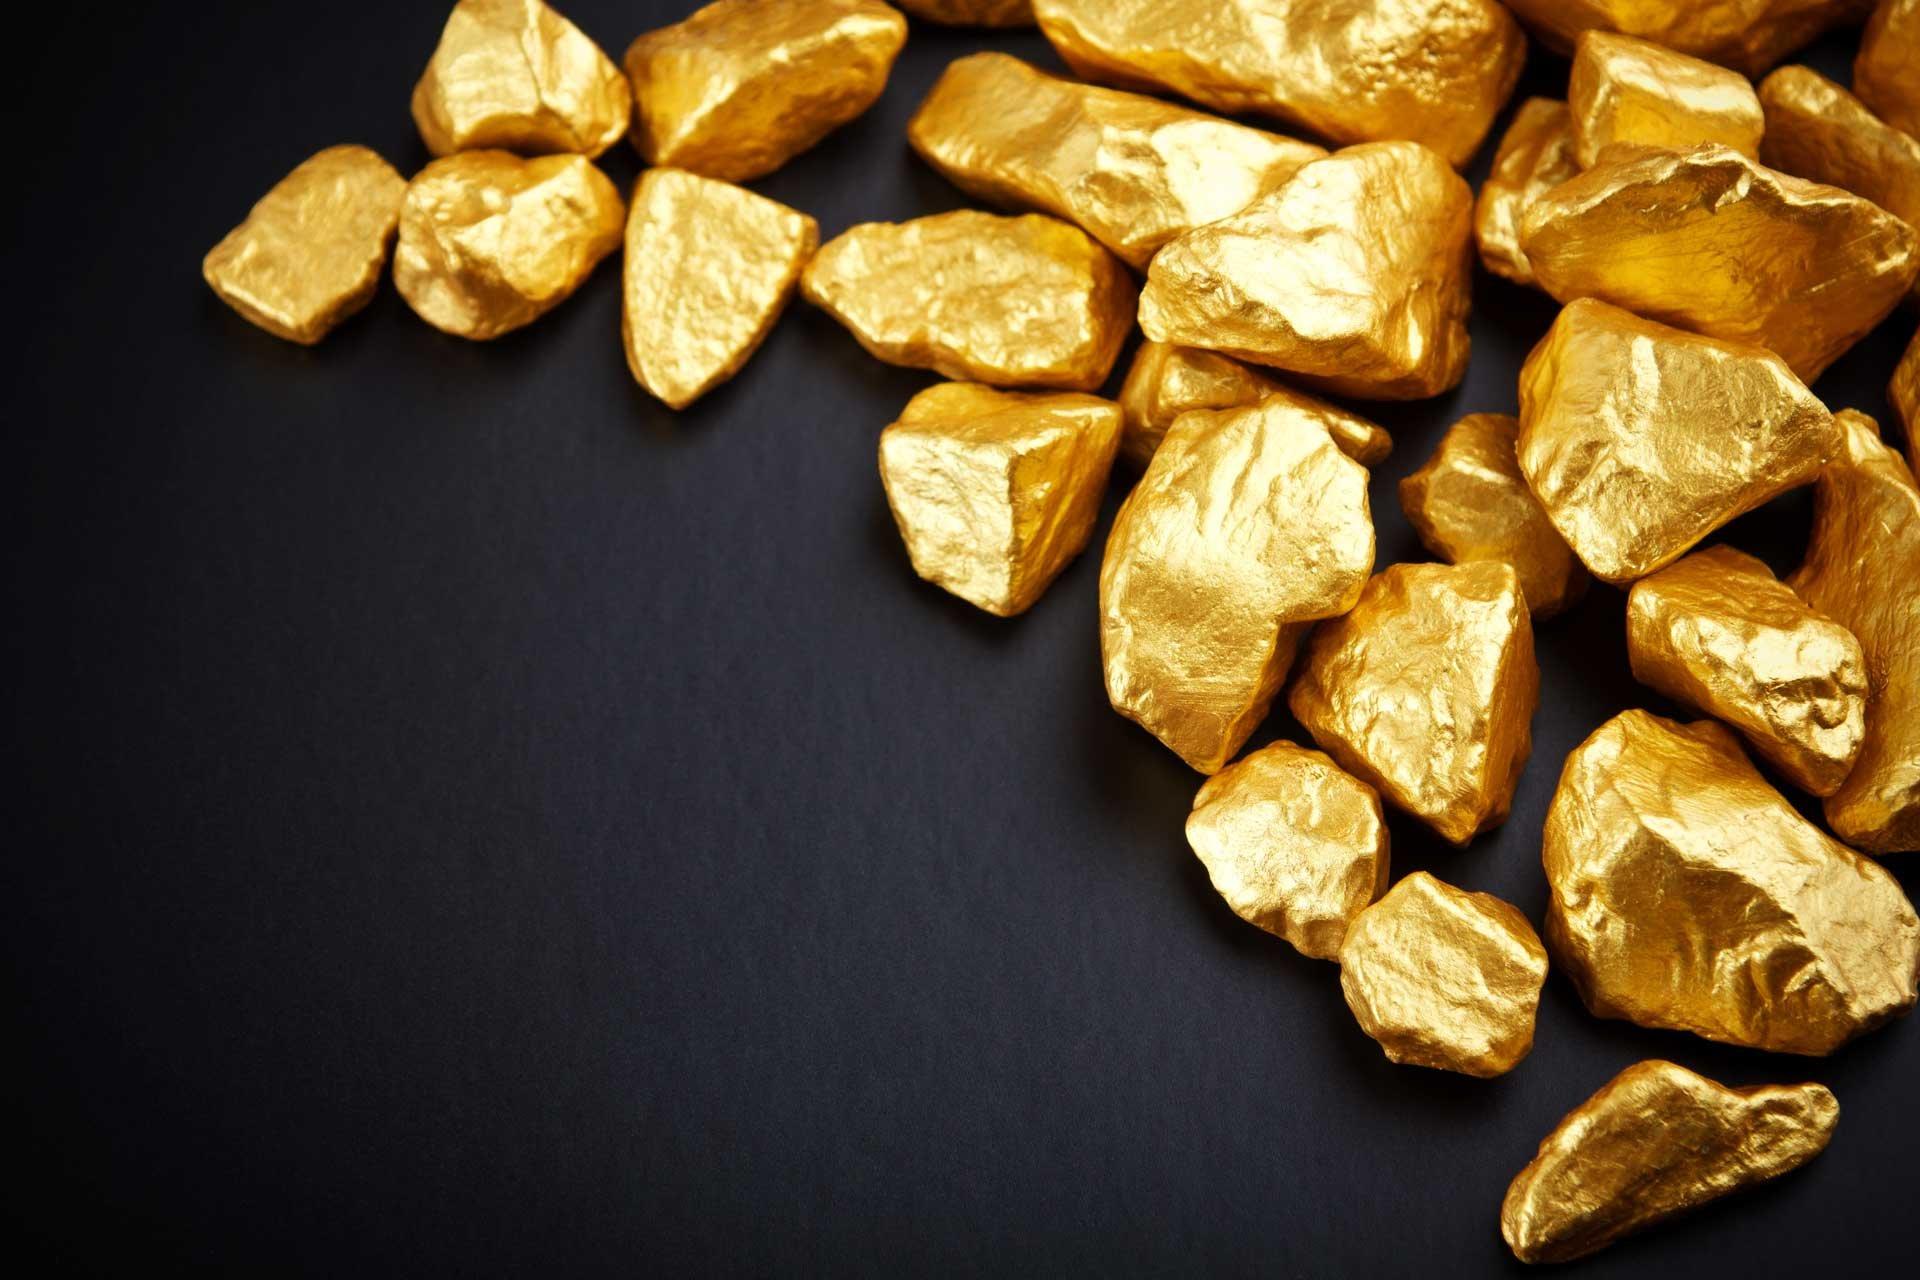 Золото картинки с названиями